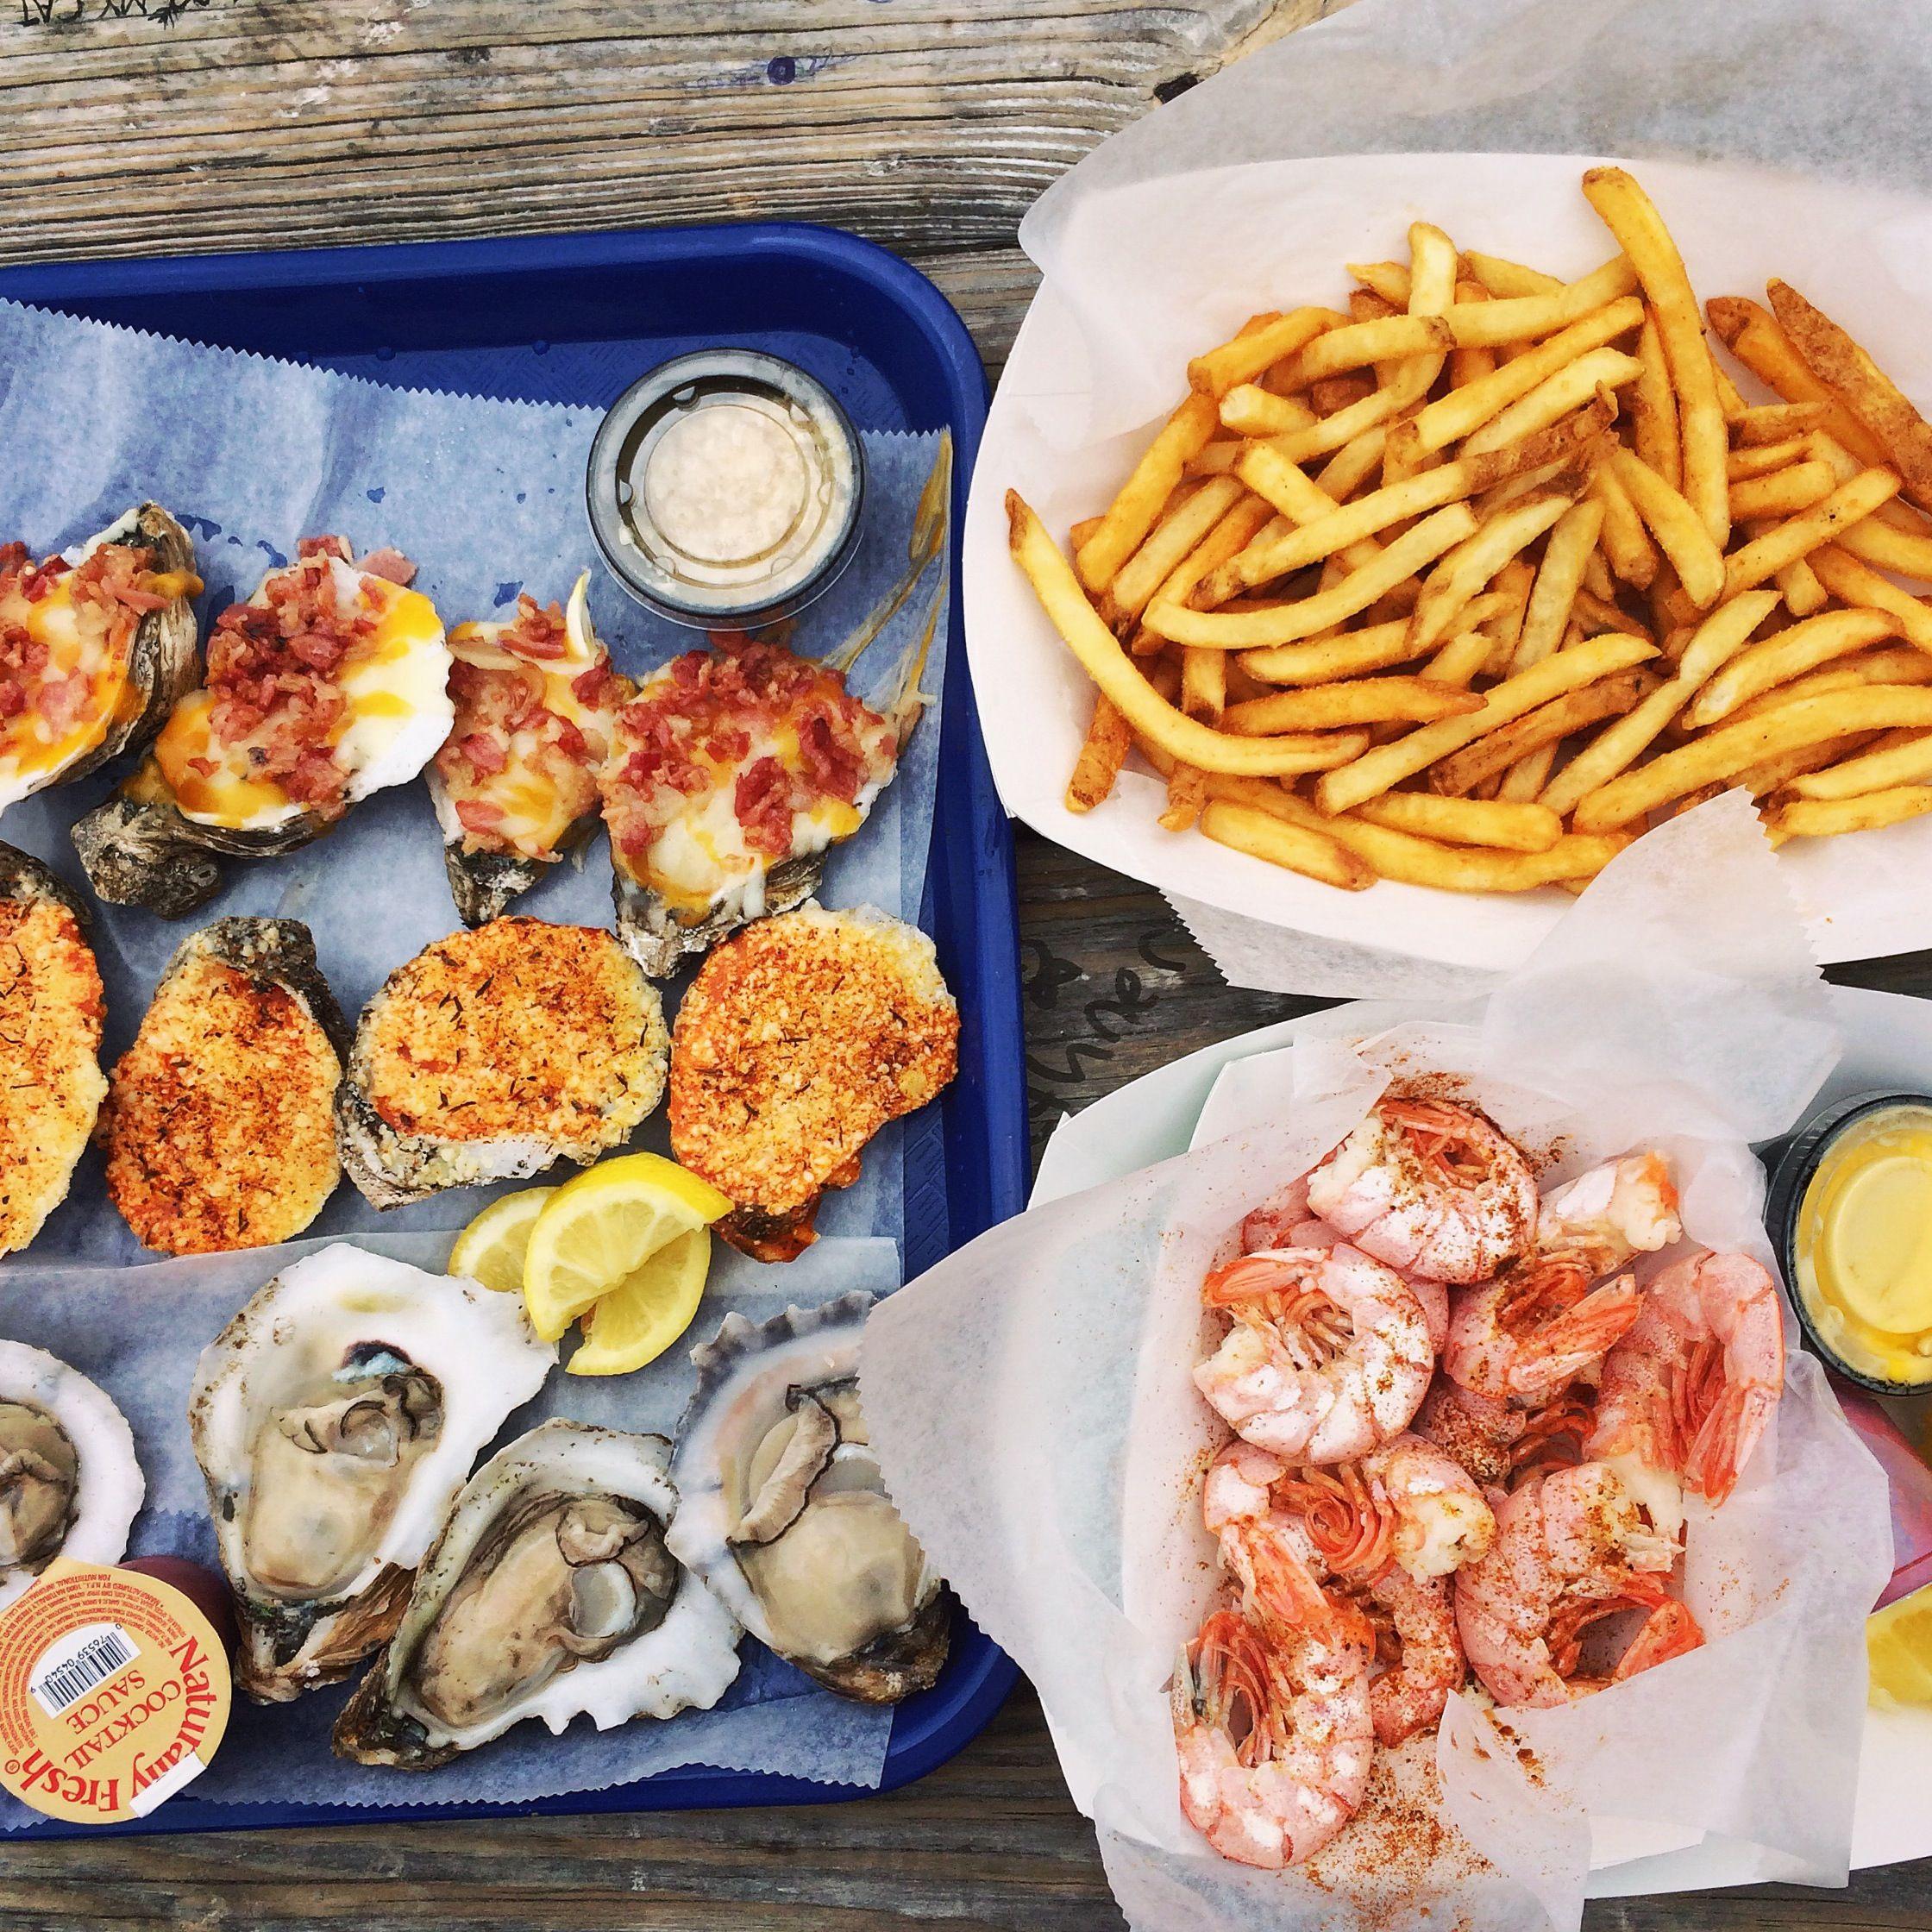 Best Restaurants In Gulf Ss And Orange Beach Alabama